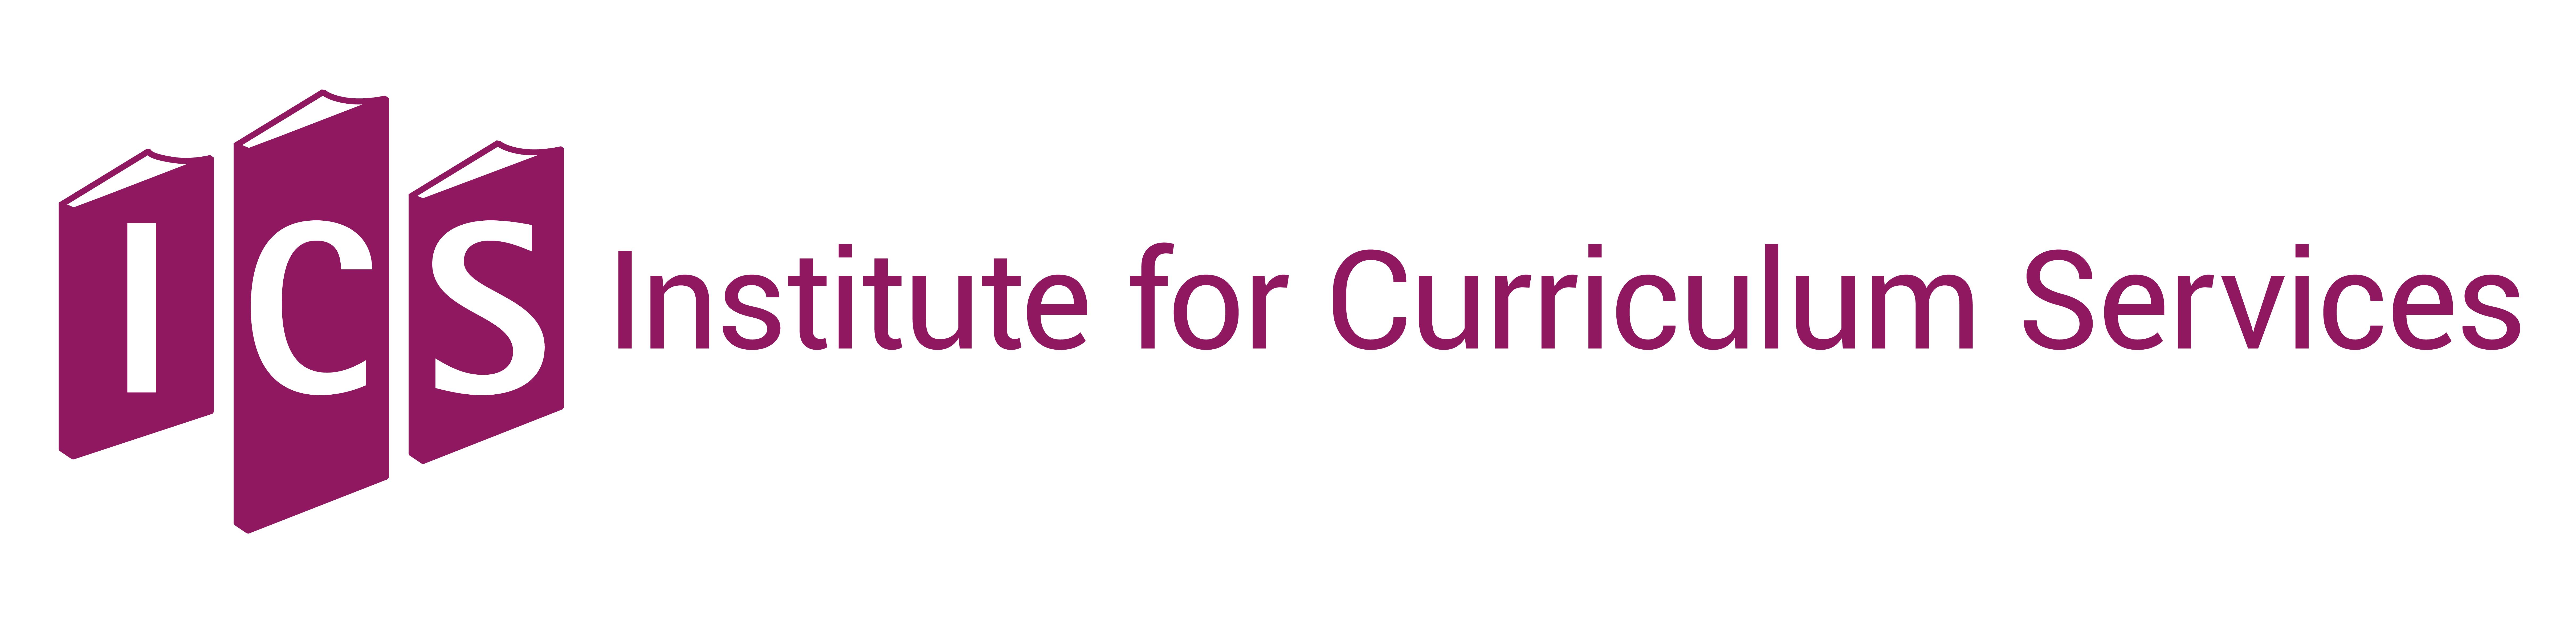 Institute for Curriculum Services